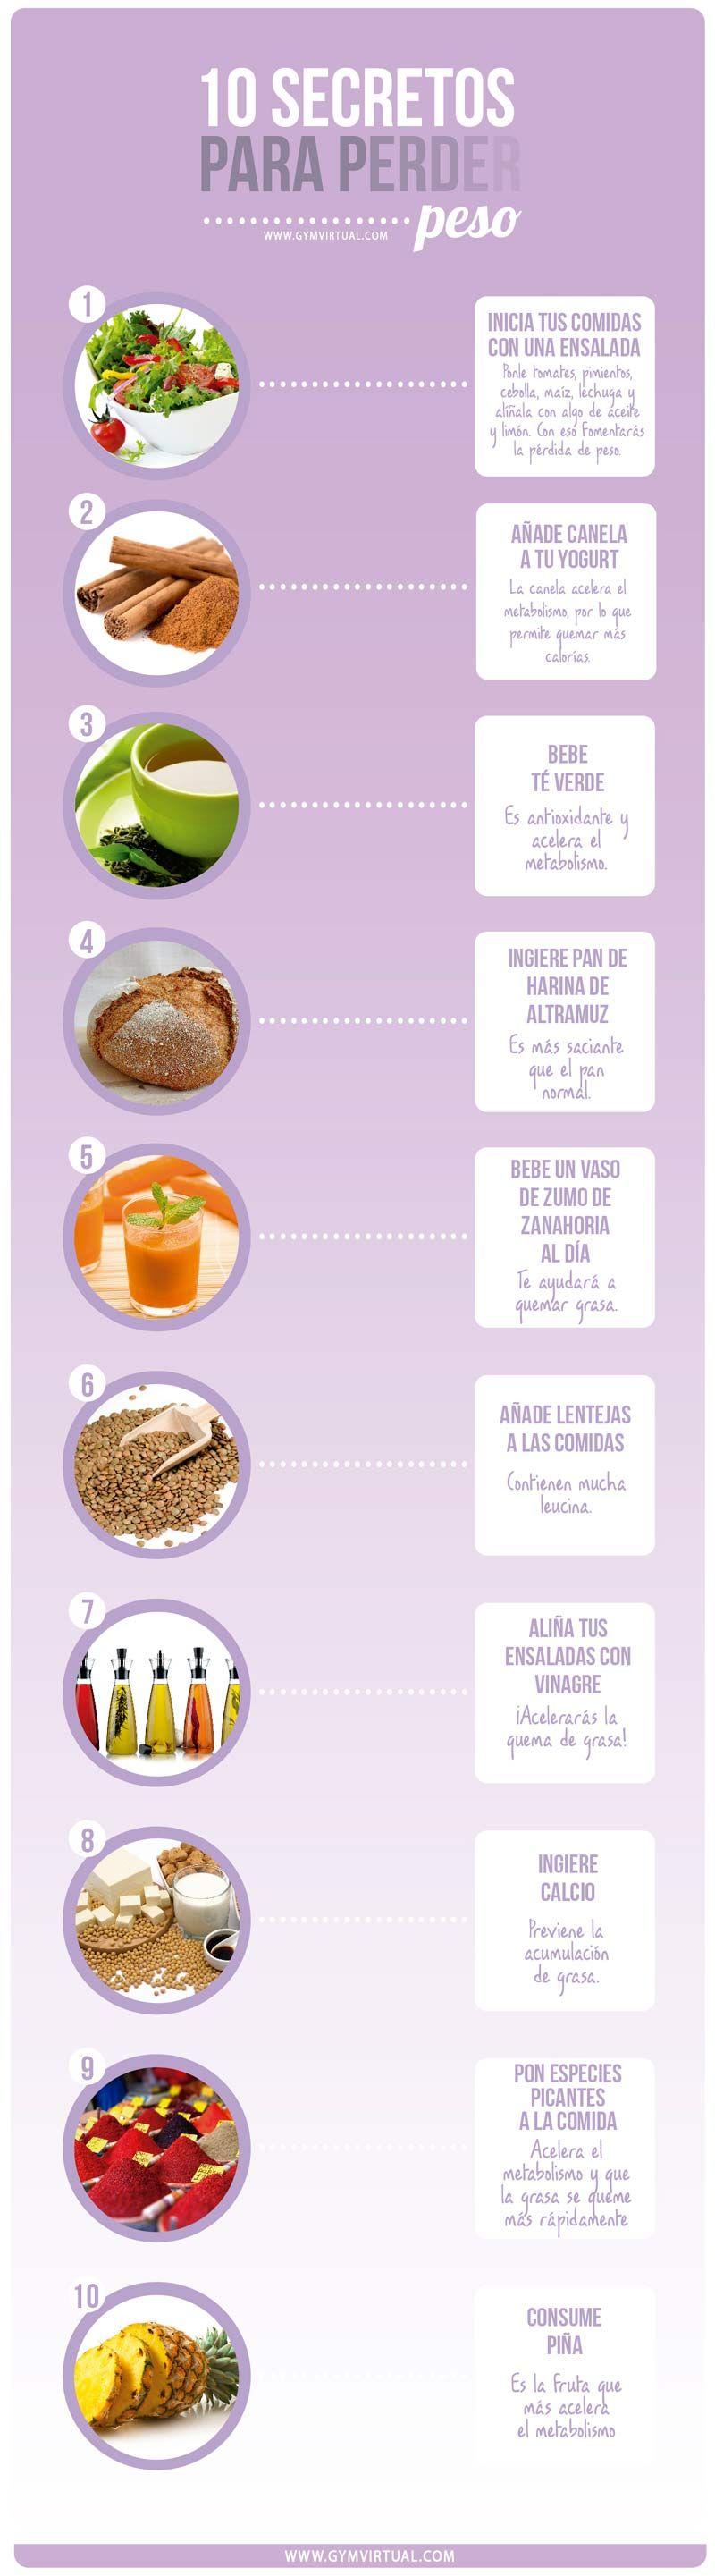 secretos recetas para bajar de peso